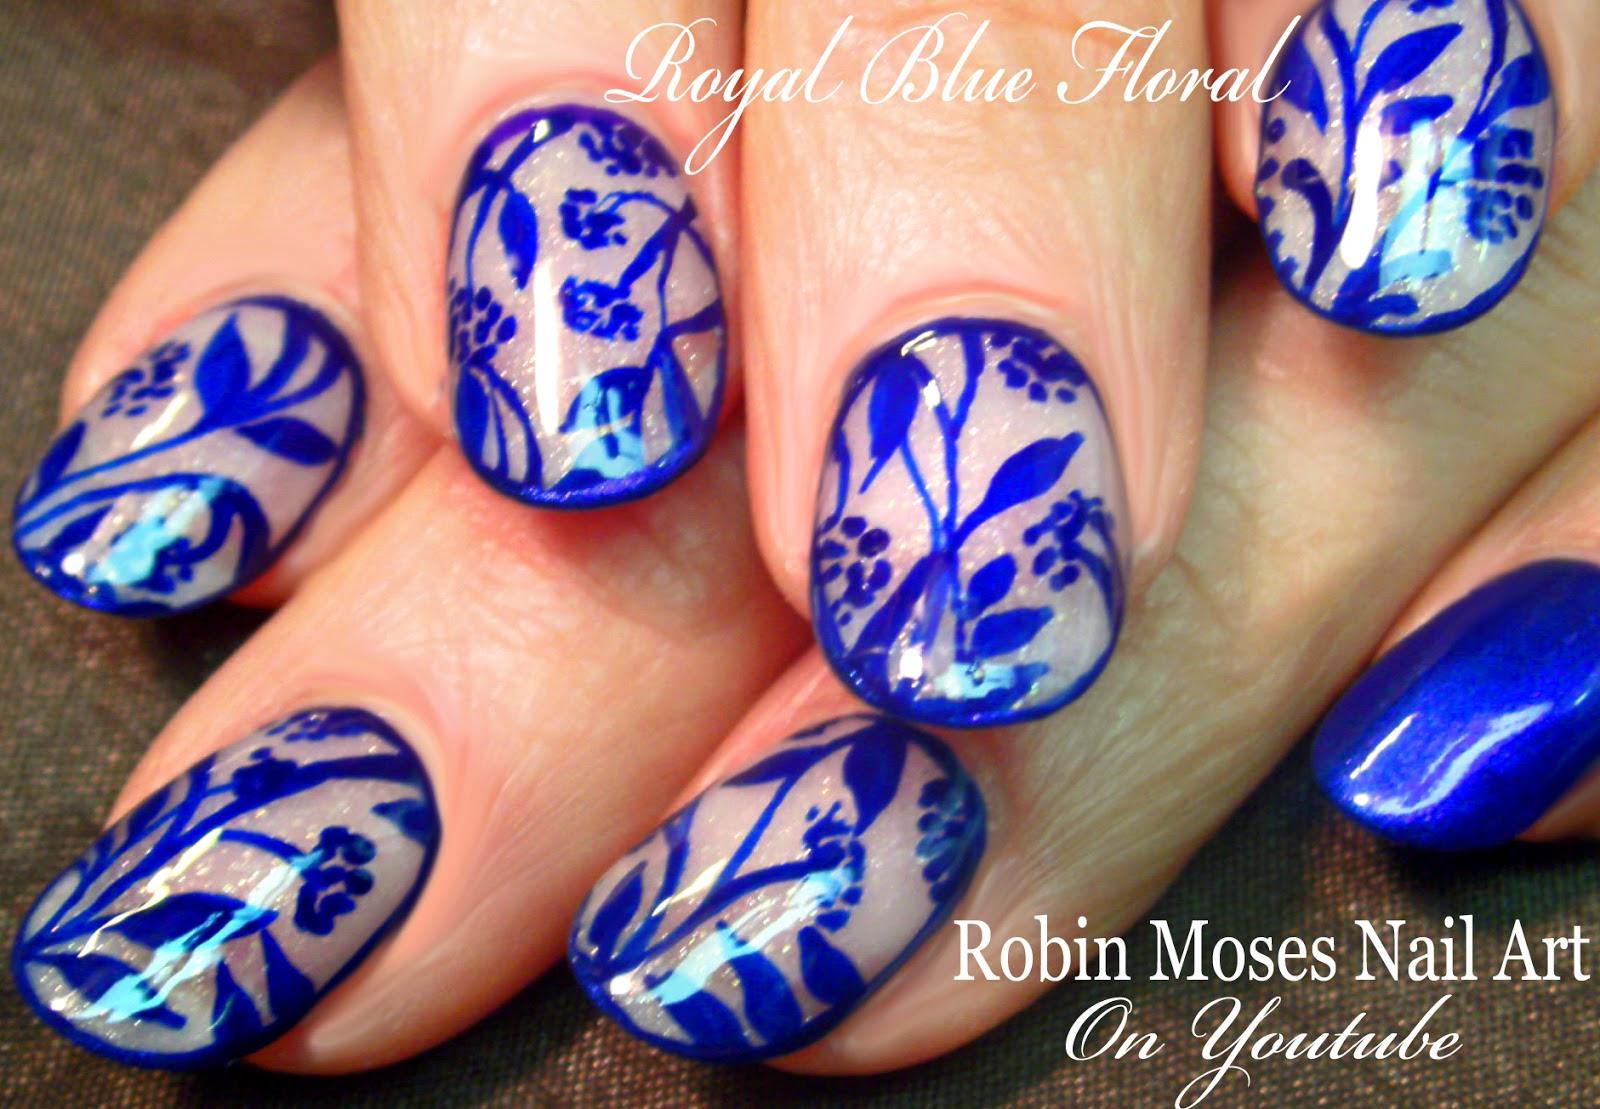 Robin Moses Nail Art: Royal Blue Delft Blauw Nail Art ...